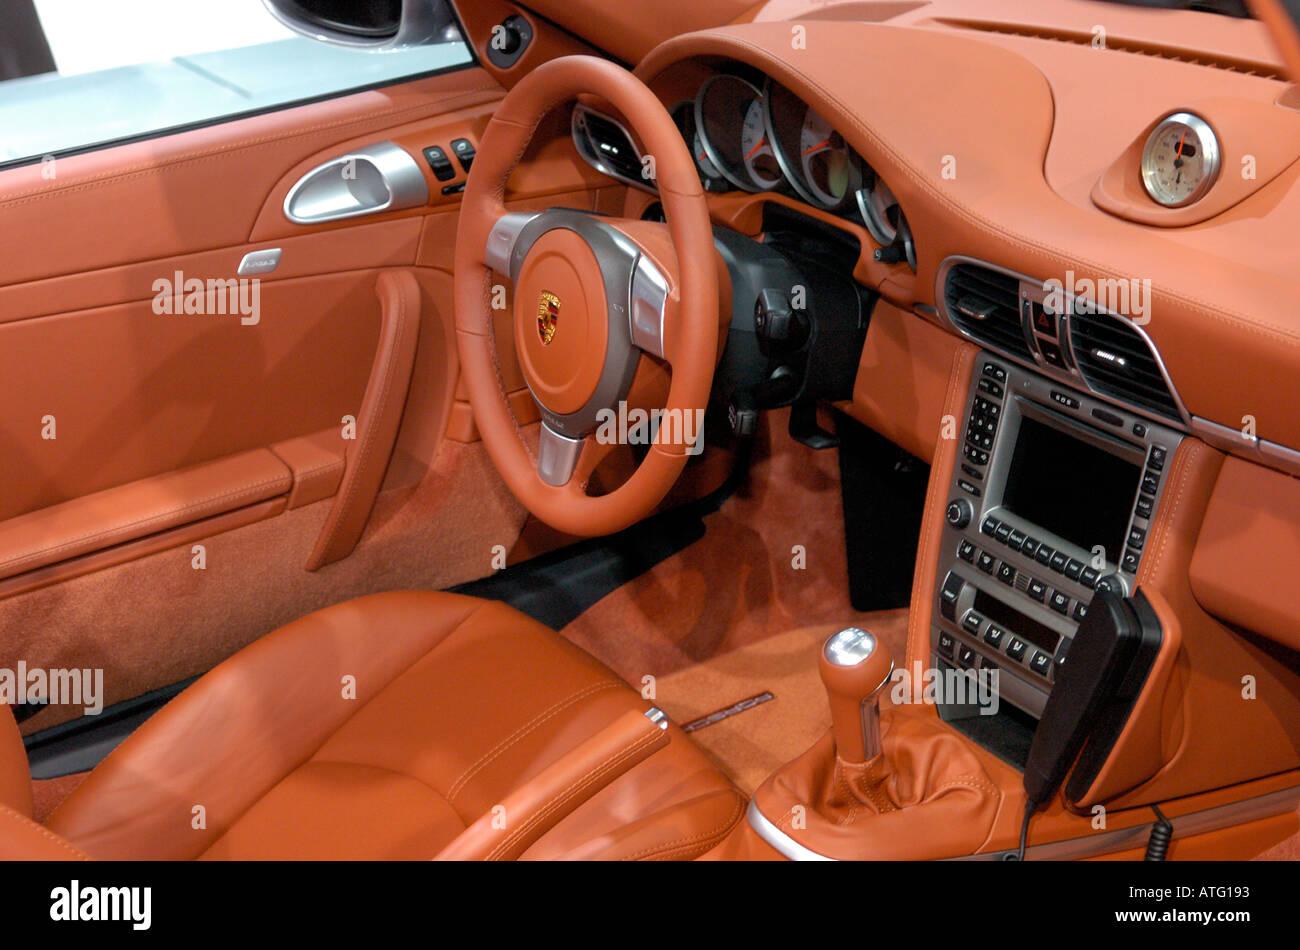 2005 Porsche Boxster Interior